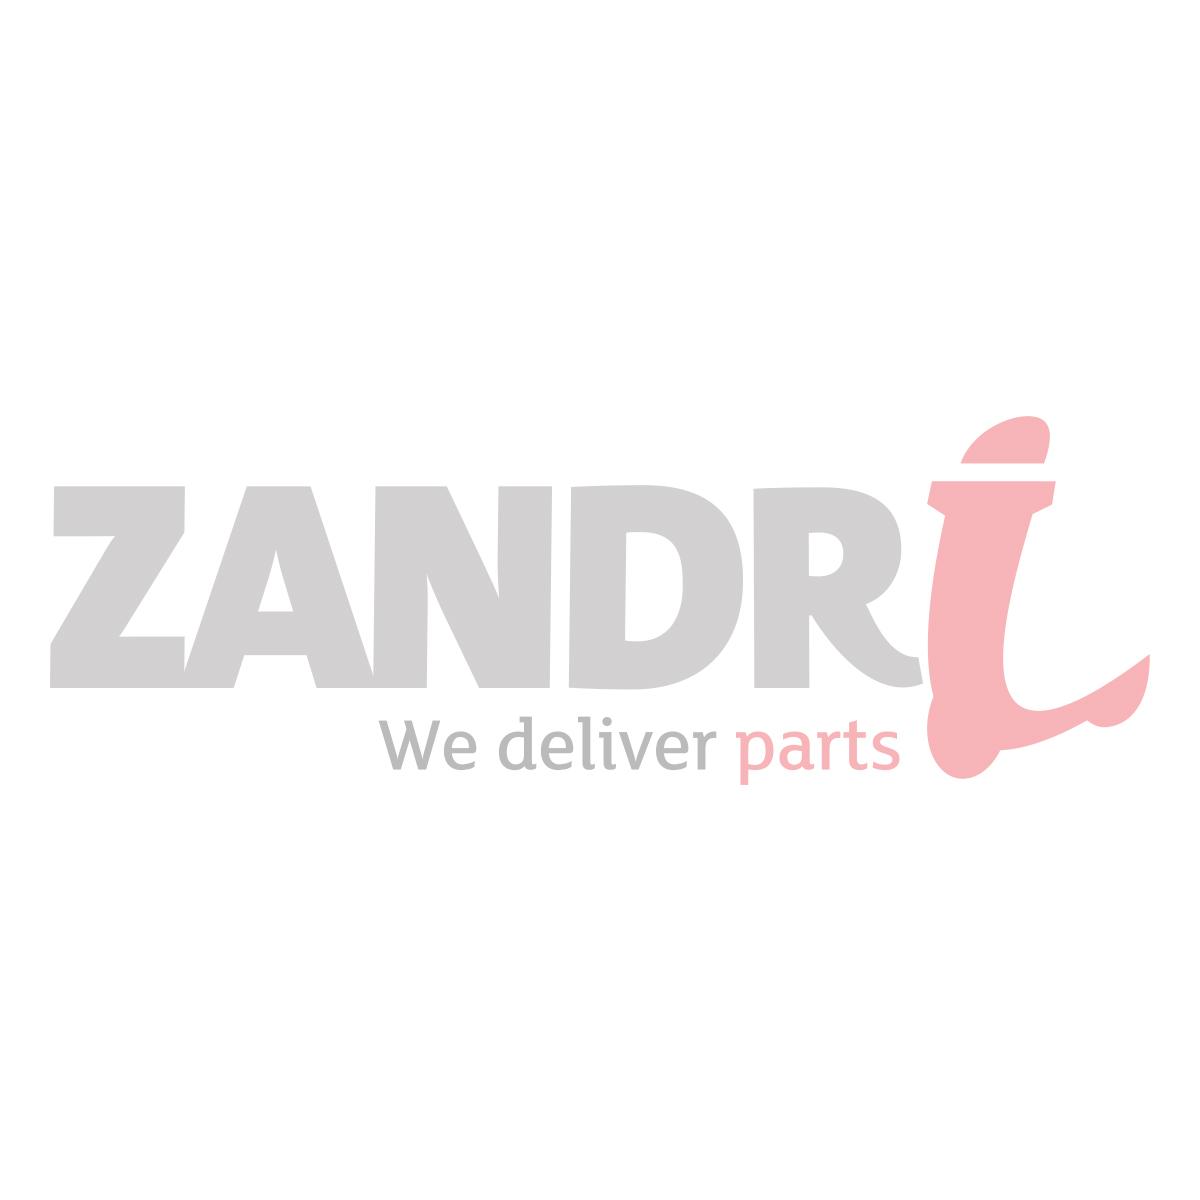 Koplamprand carbon Vespa Sprint THNDR